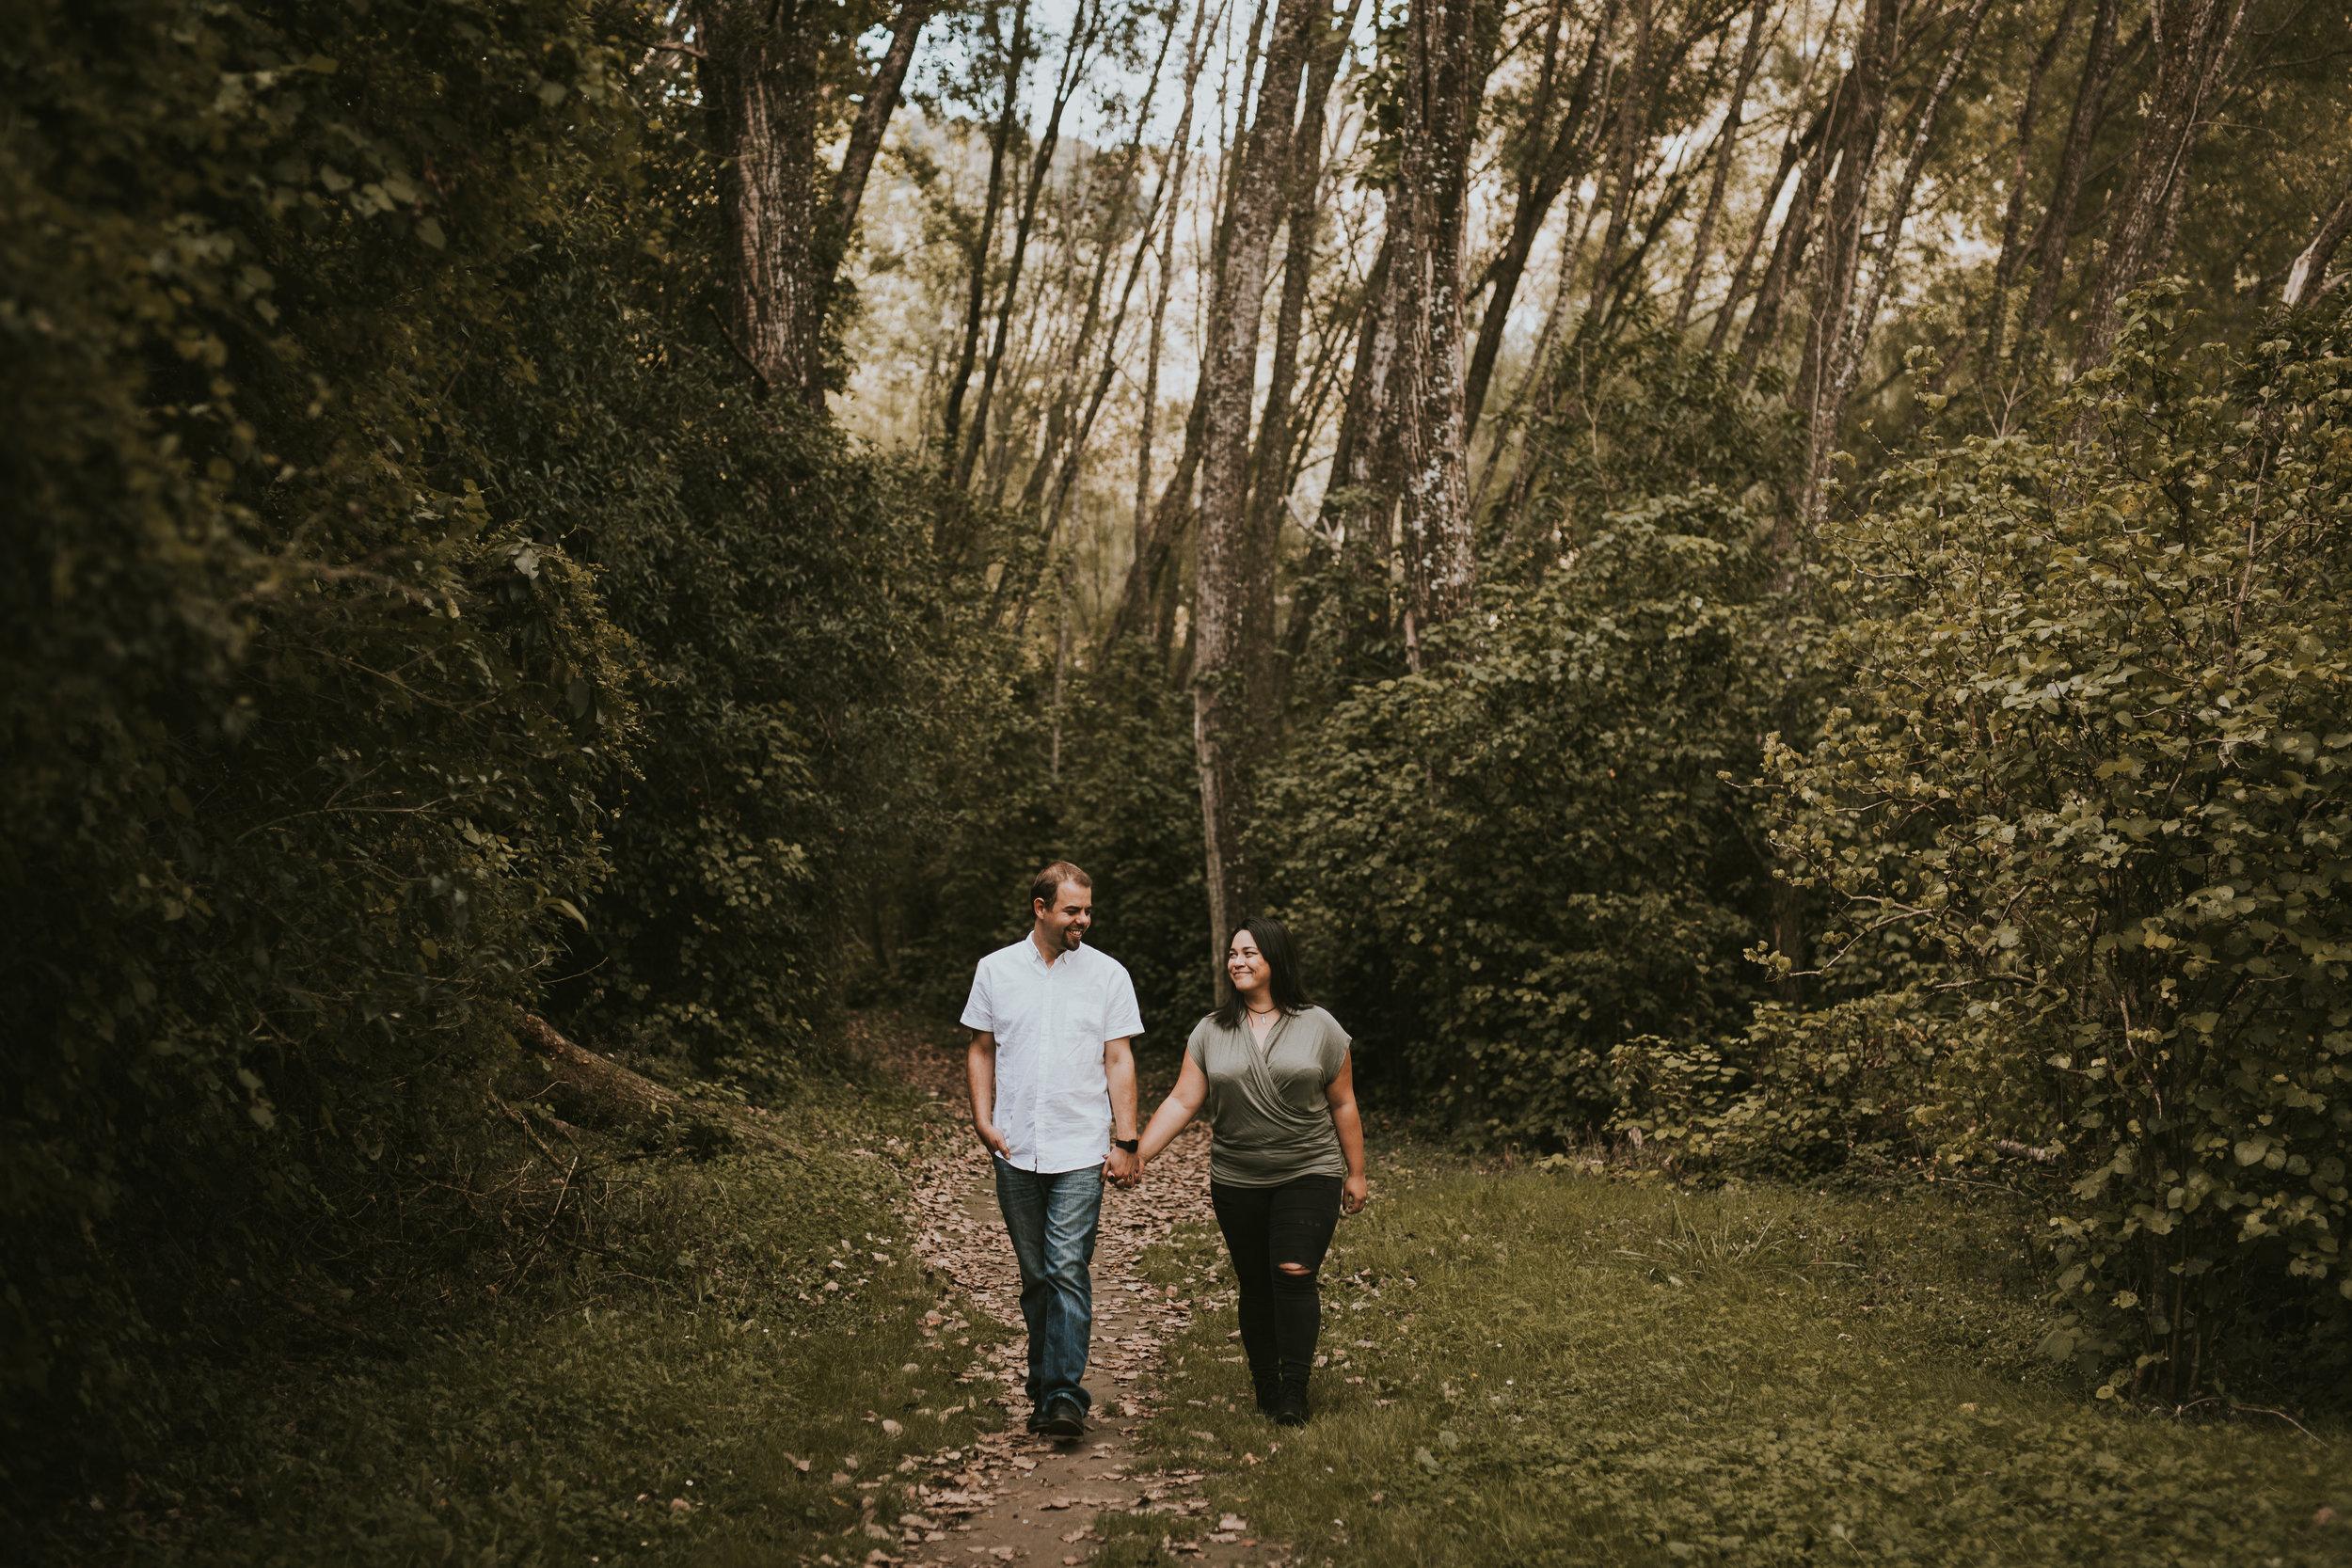 Lisa Fisher Photography - James & Lisa Engagement-8.jpg